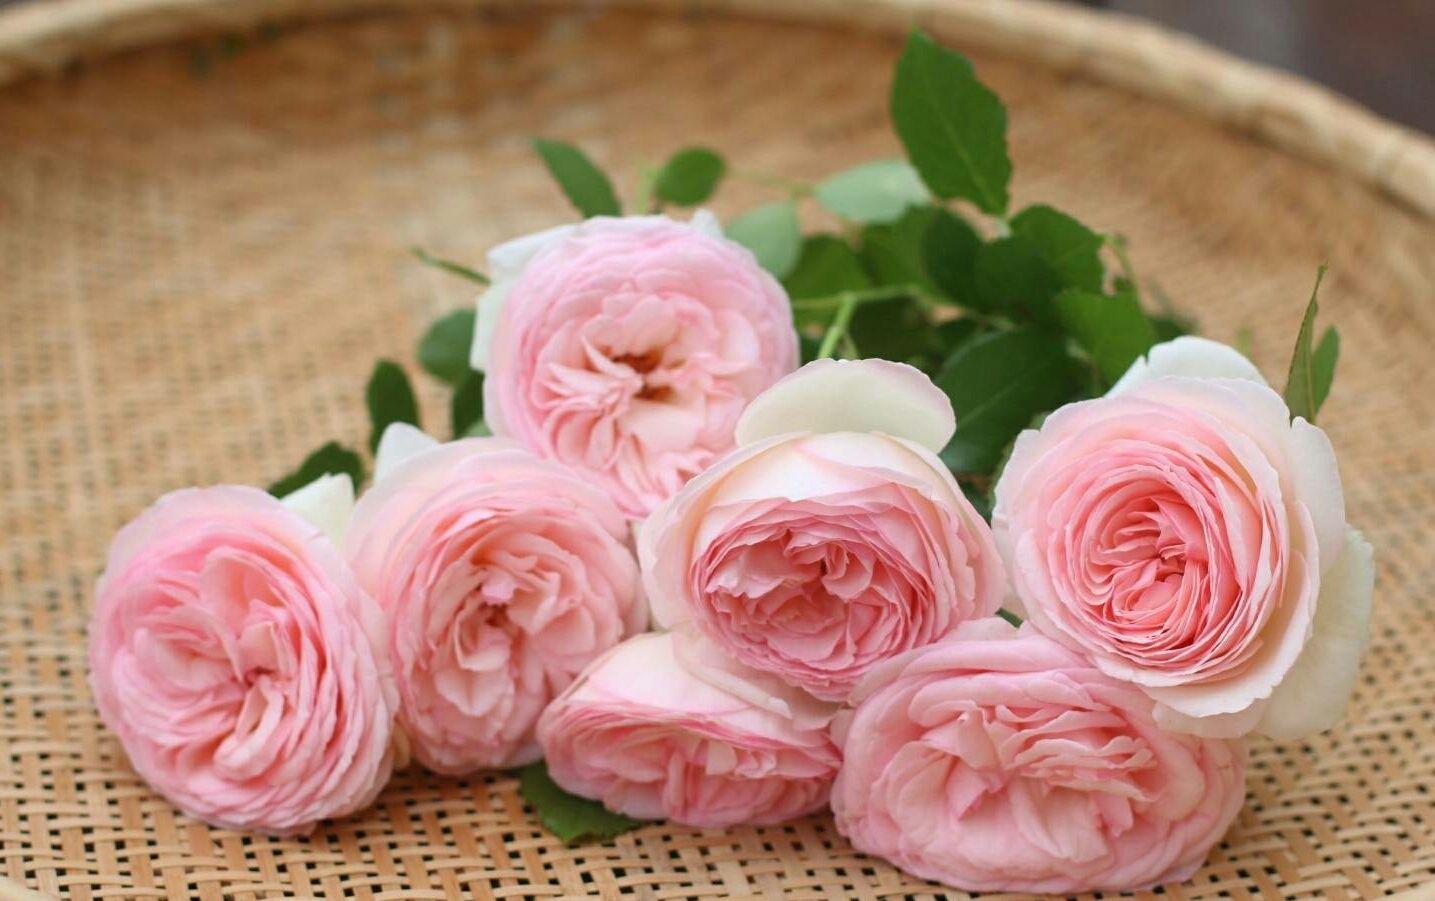 月季花苗红龙沙宝石藤本阳台盆栽多季开花